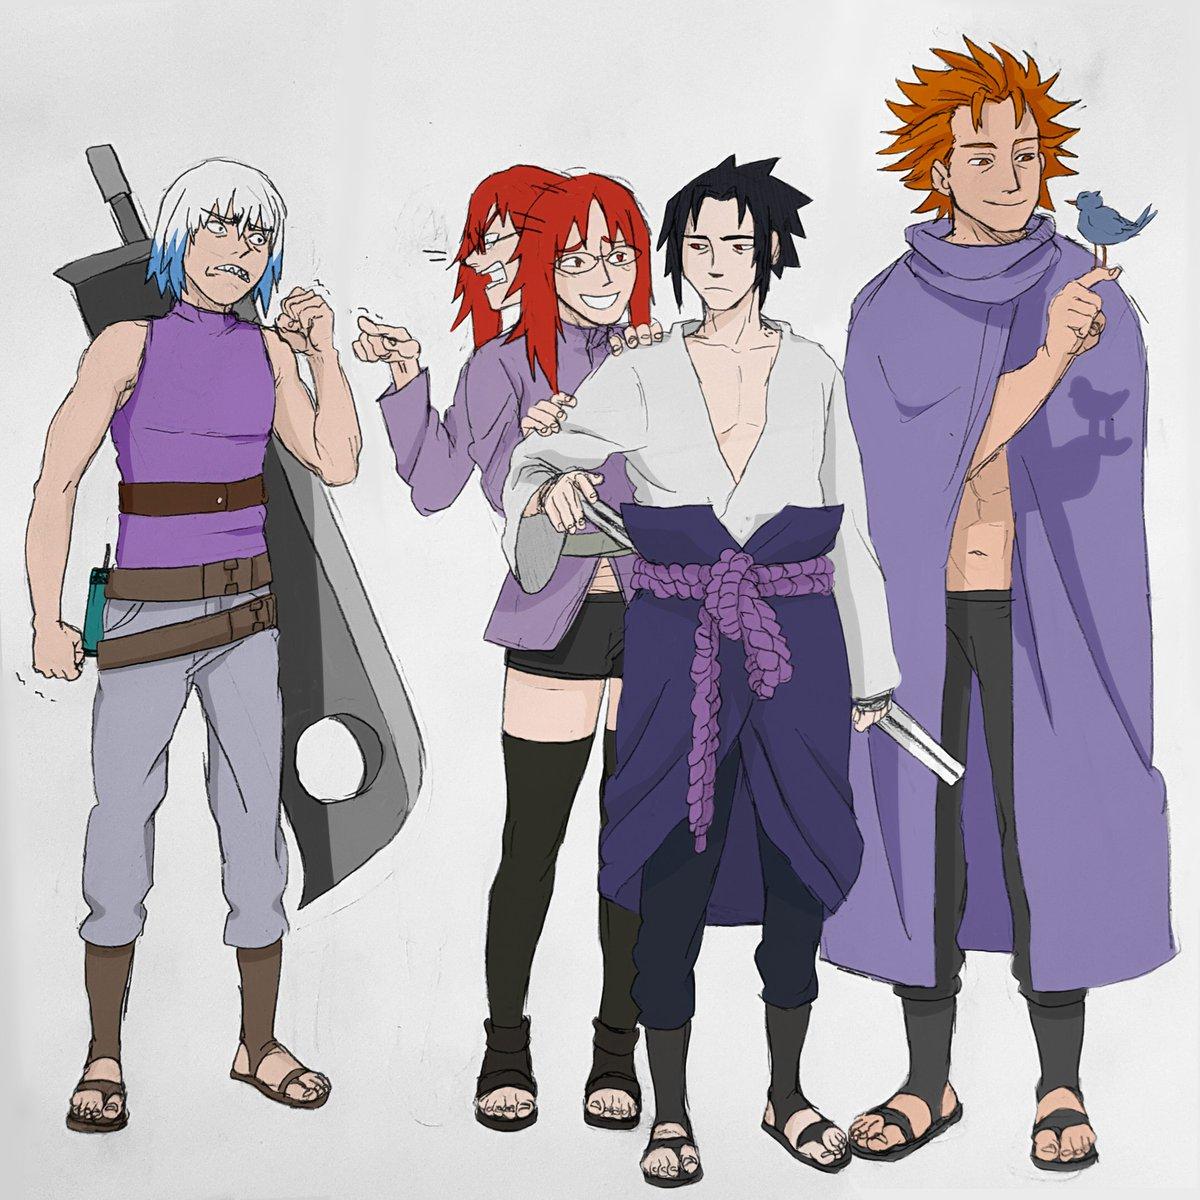 Team Taka! #naruto